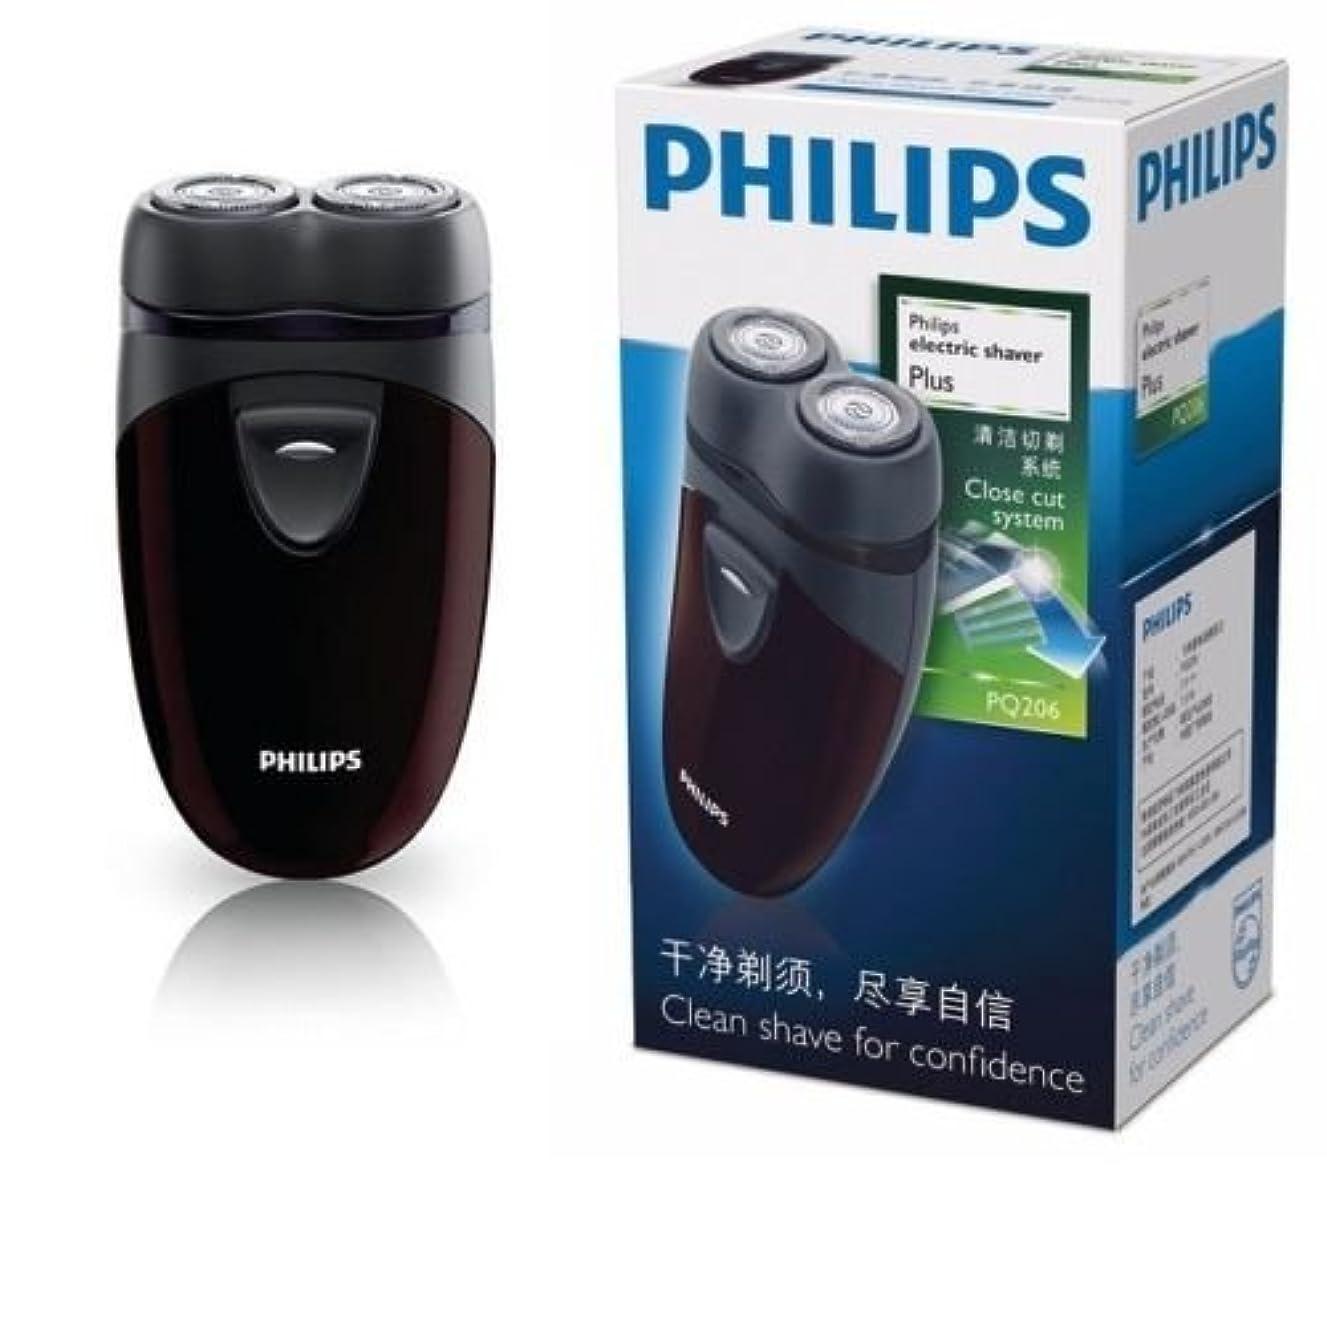 発症後方便益Philips PQ206 電気シェーバーのバッテリーは持ち運びに便利パワード [並行輸入品]